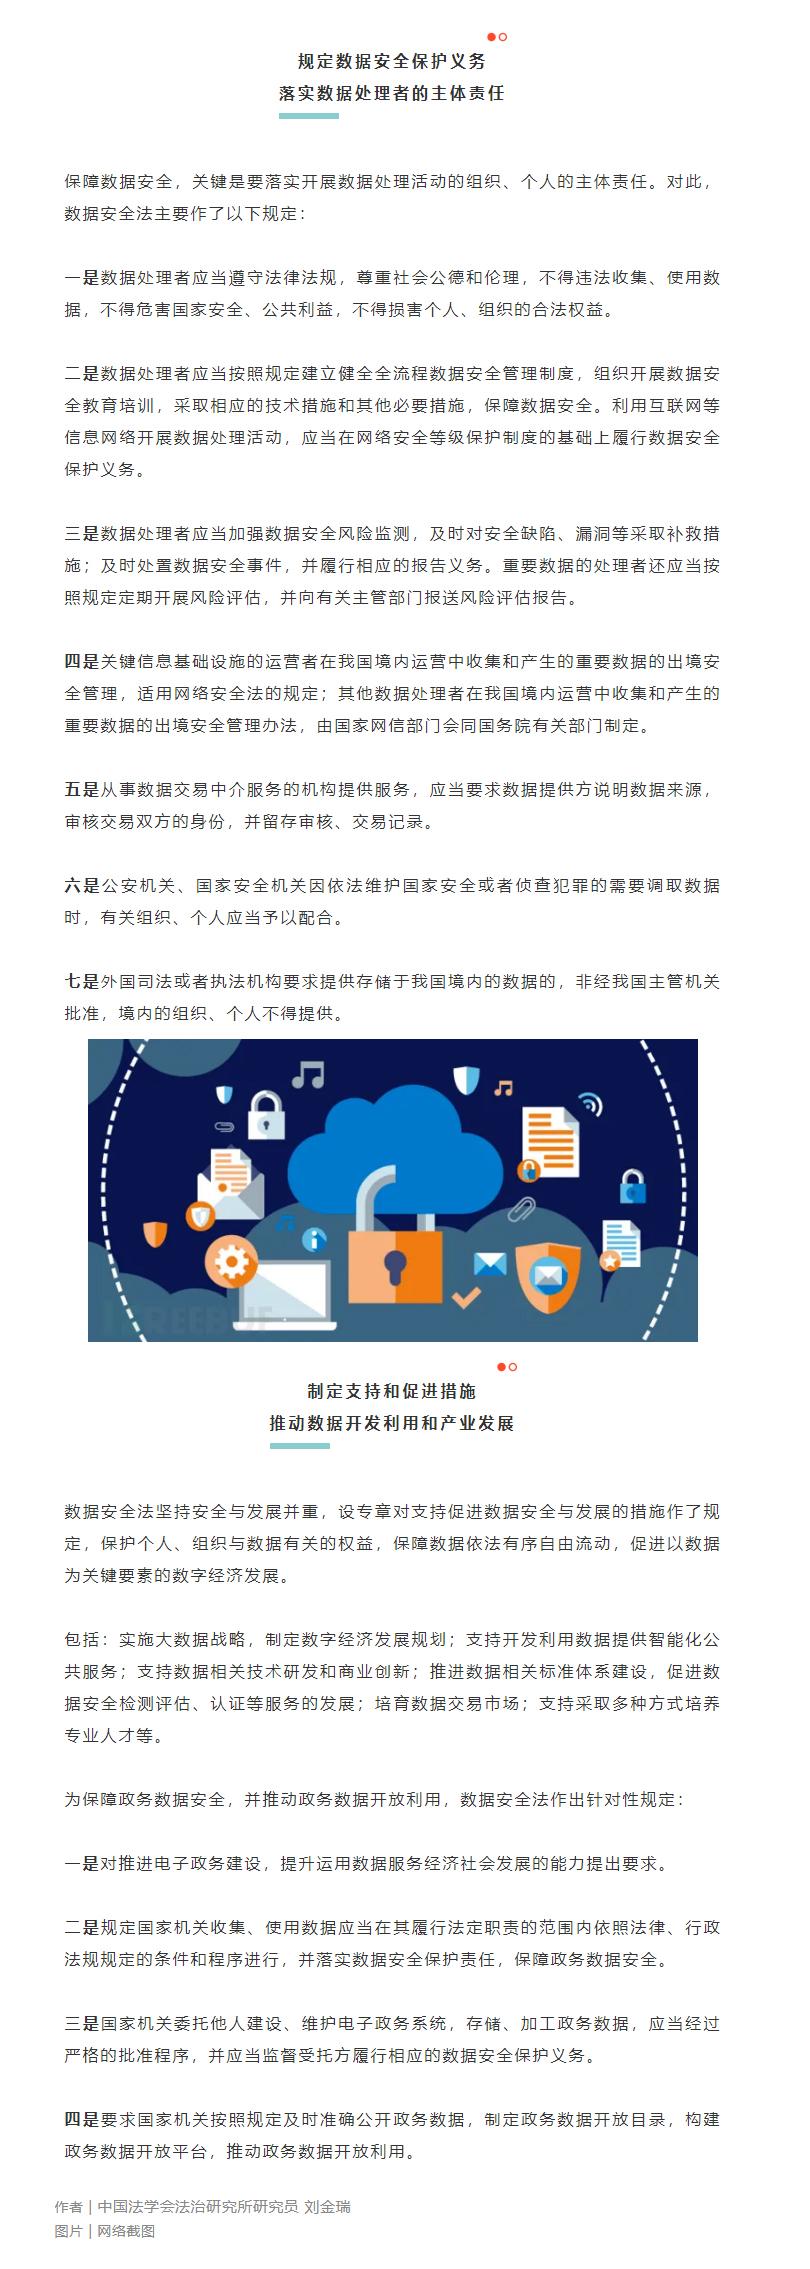 《数据安全法》专家解读之二